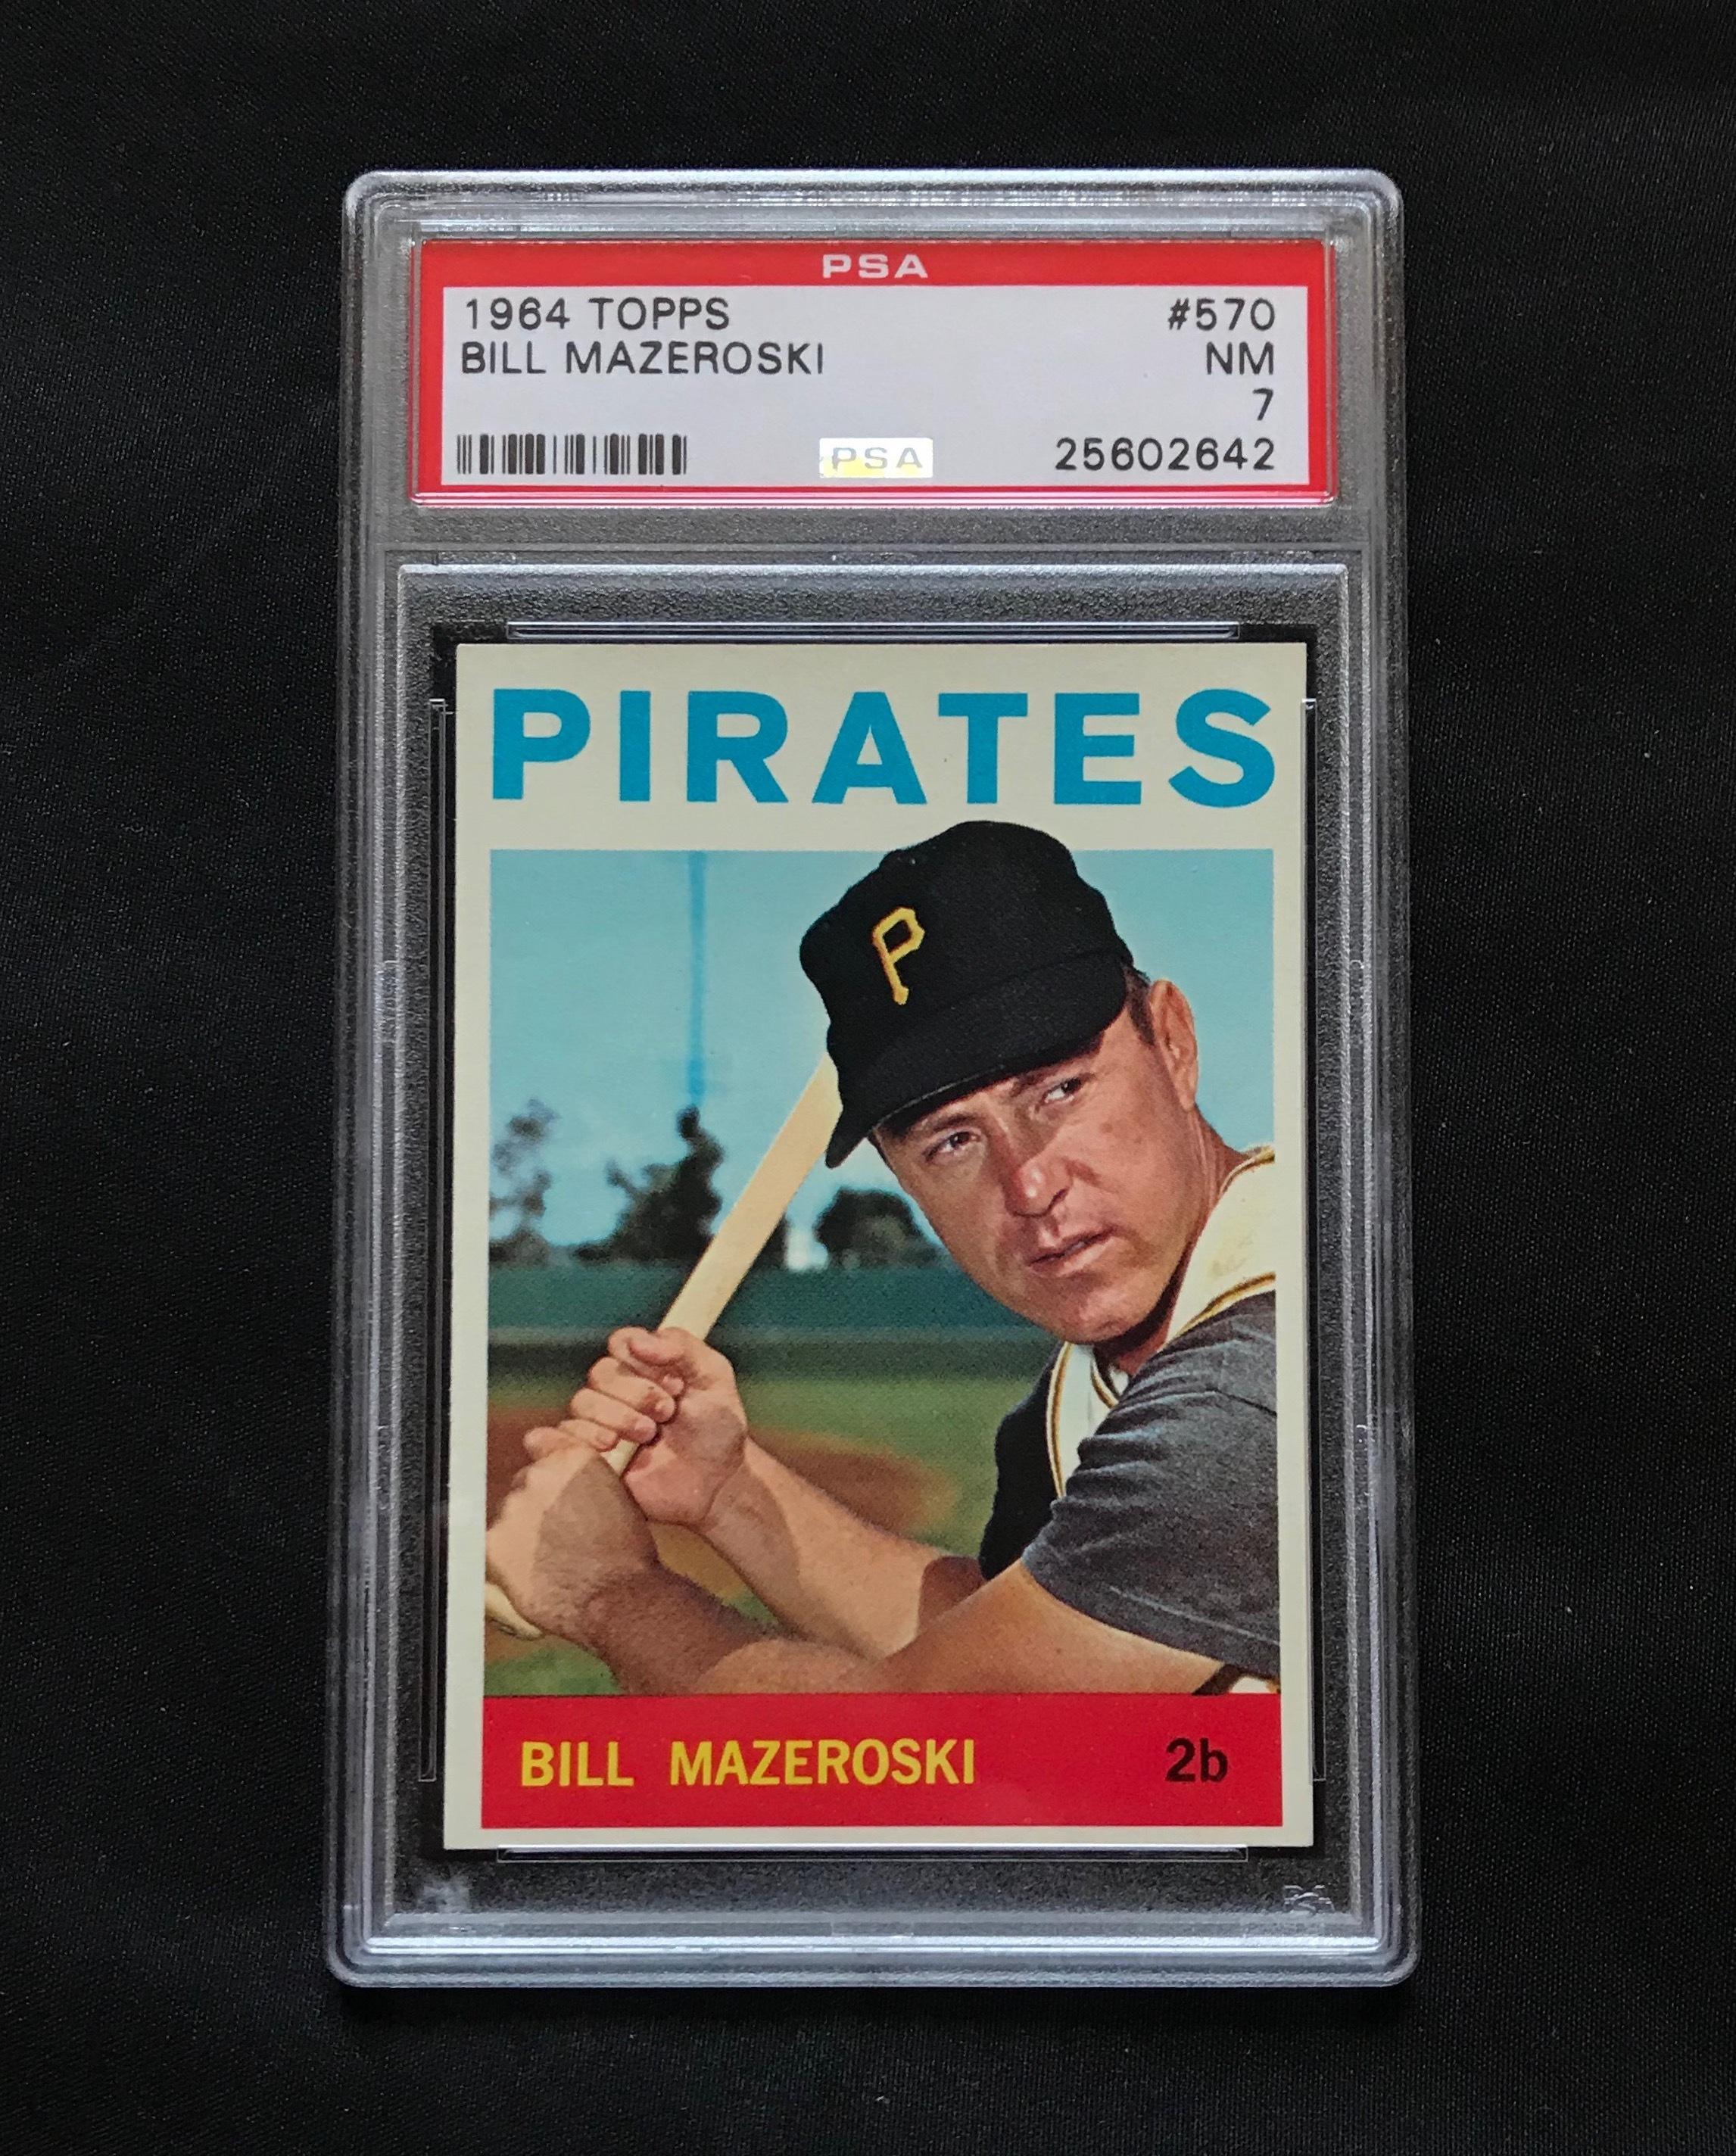 1964 Topps Bill Mazeroski #570 Baseball Card PSA 7